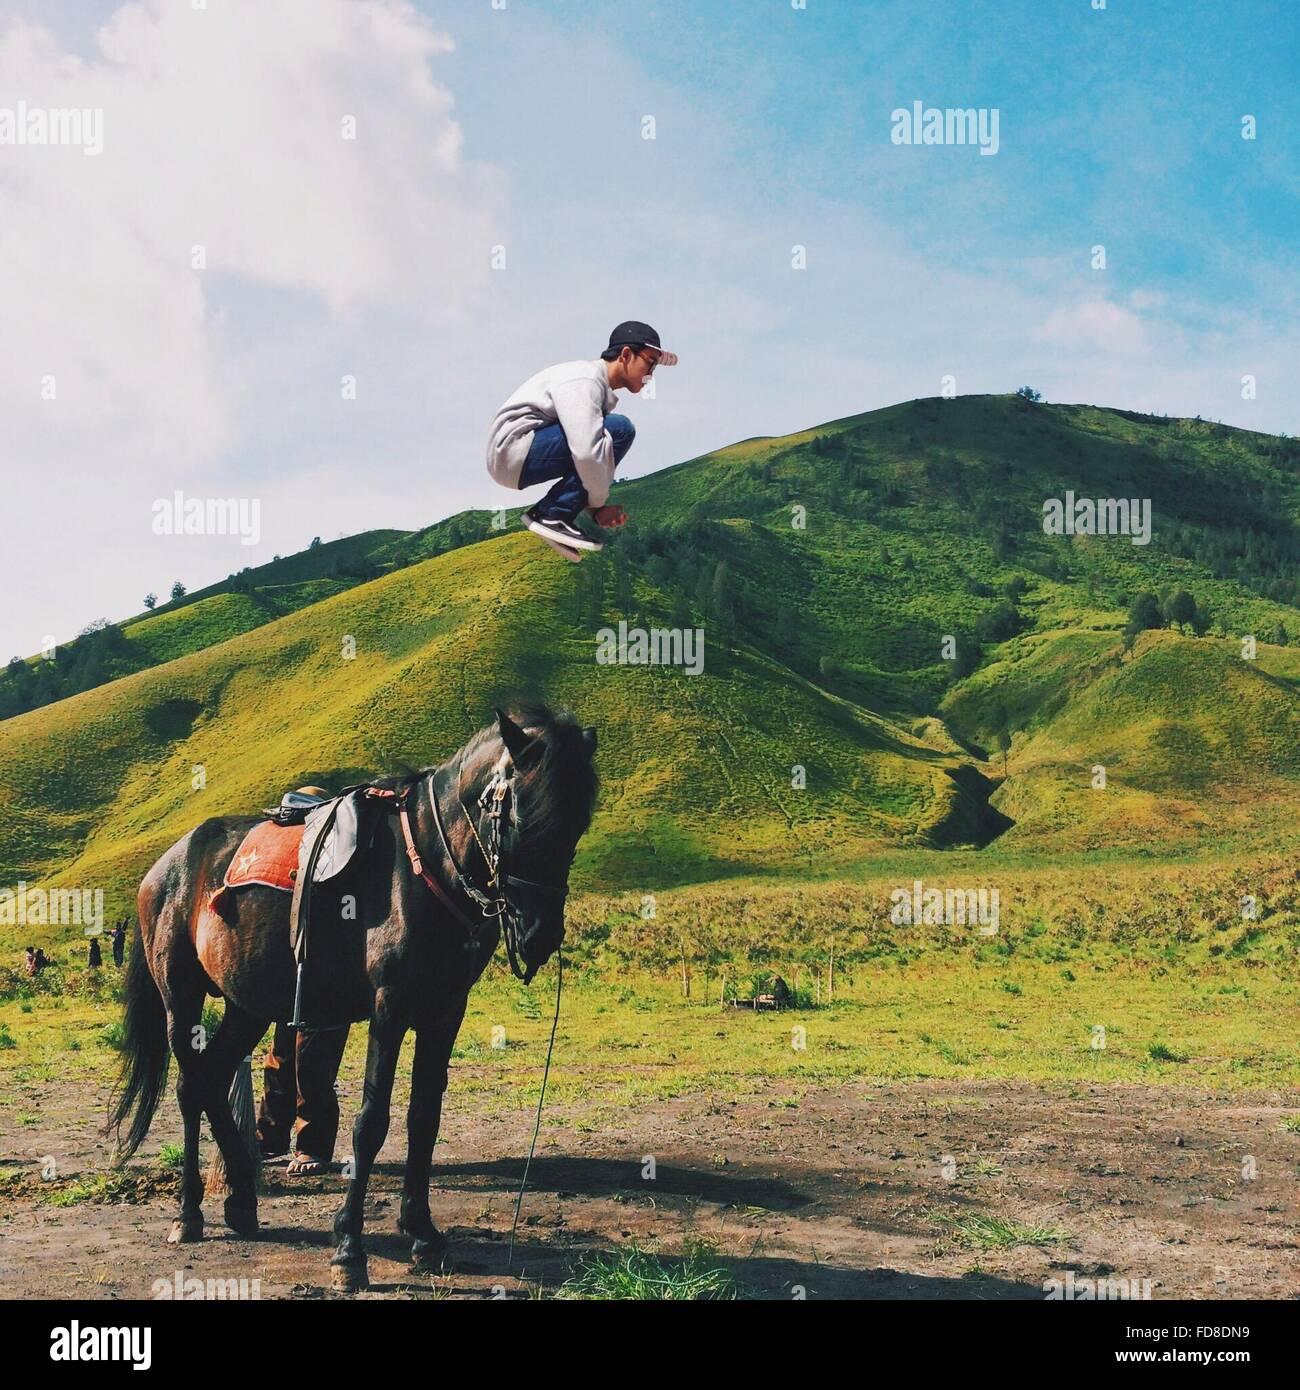 Vue de côté de l'homme qui saute dans les airs contre Green Mountains Photo Stock